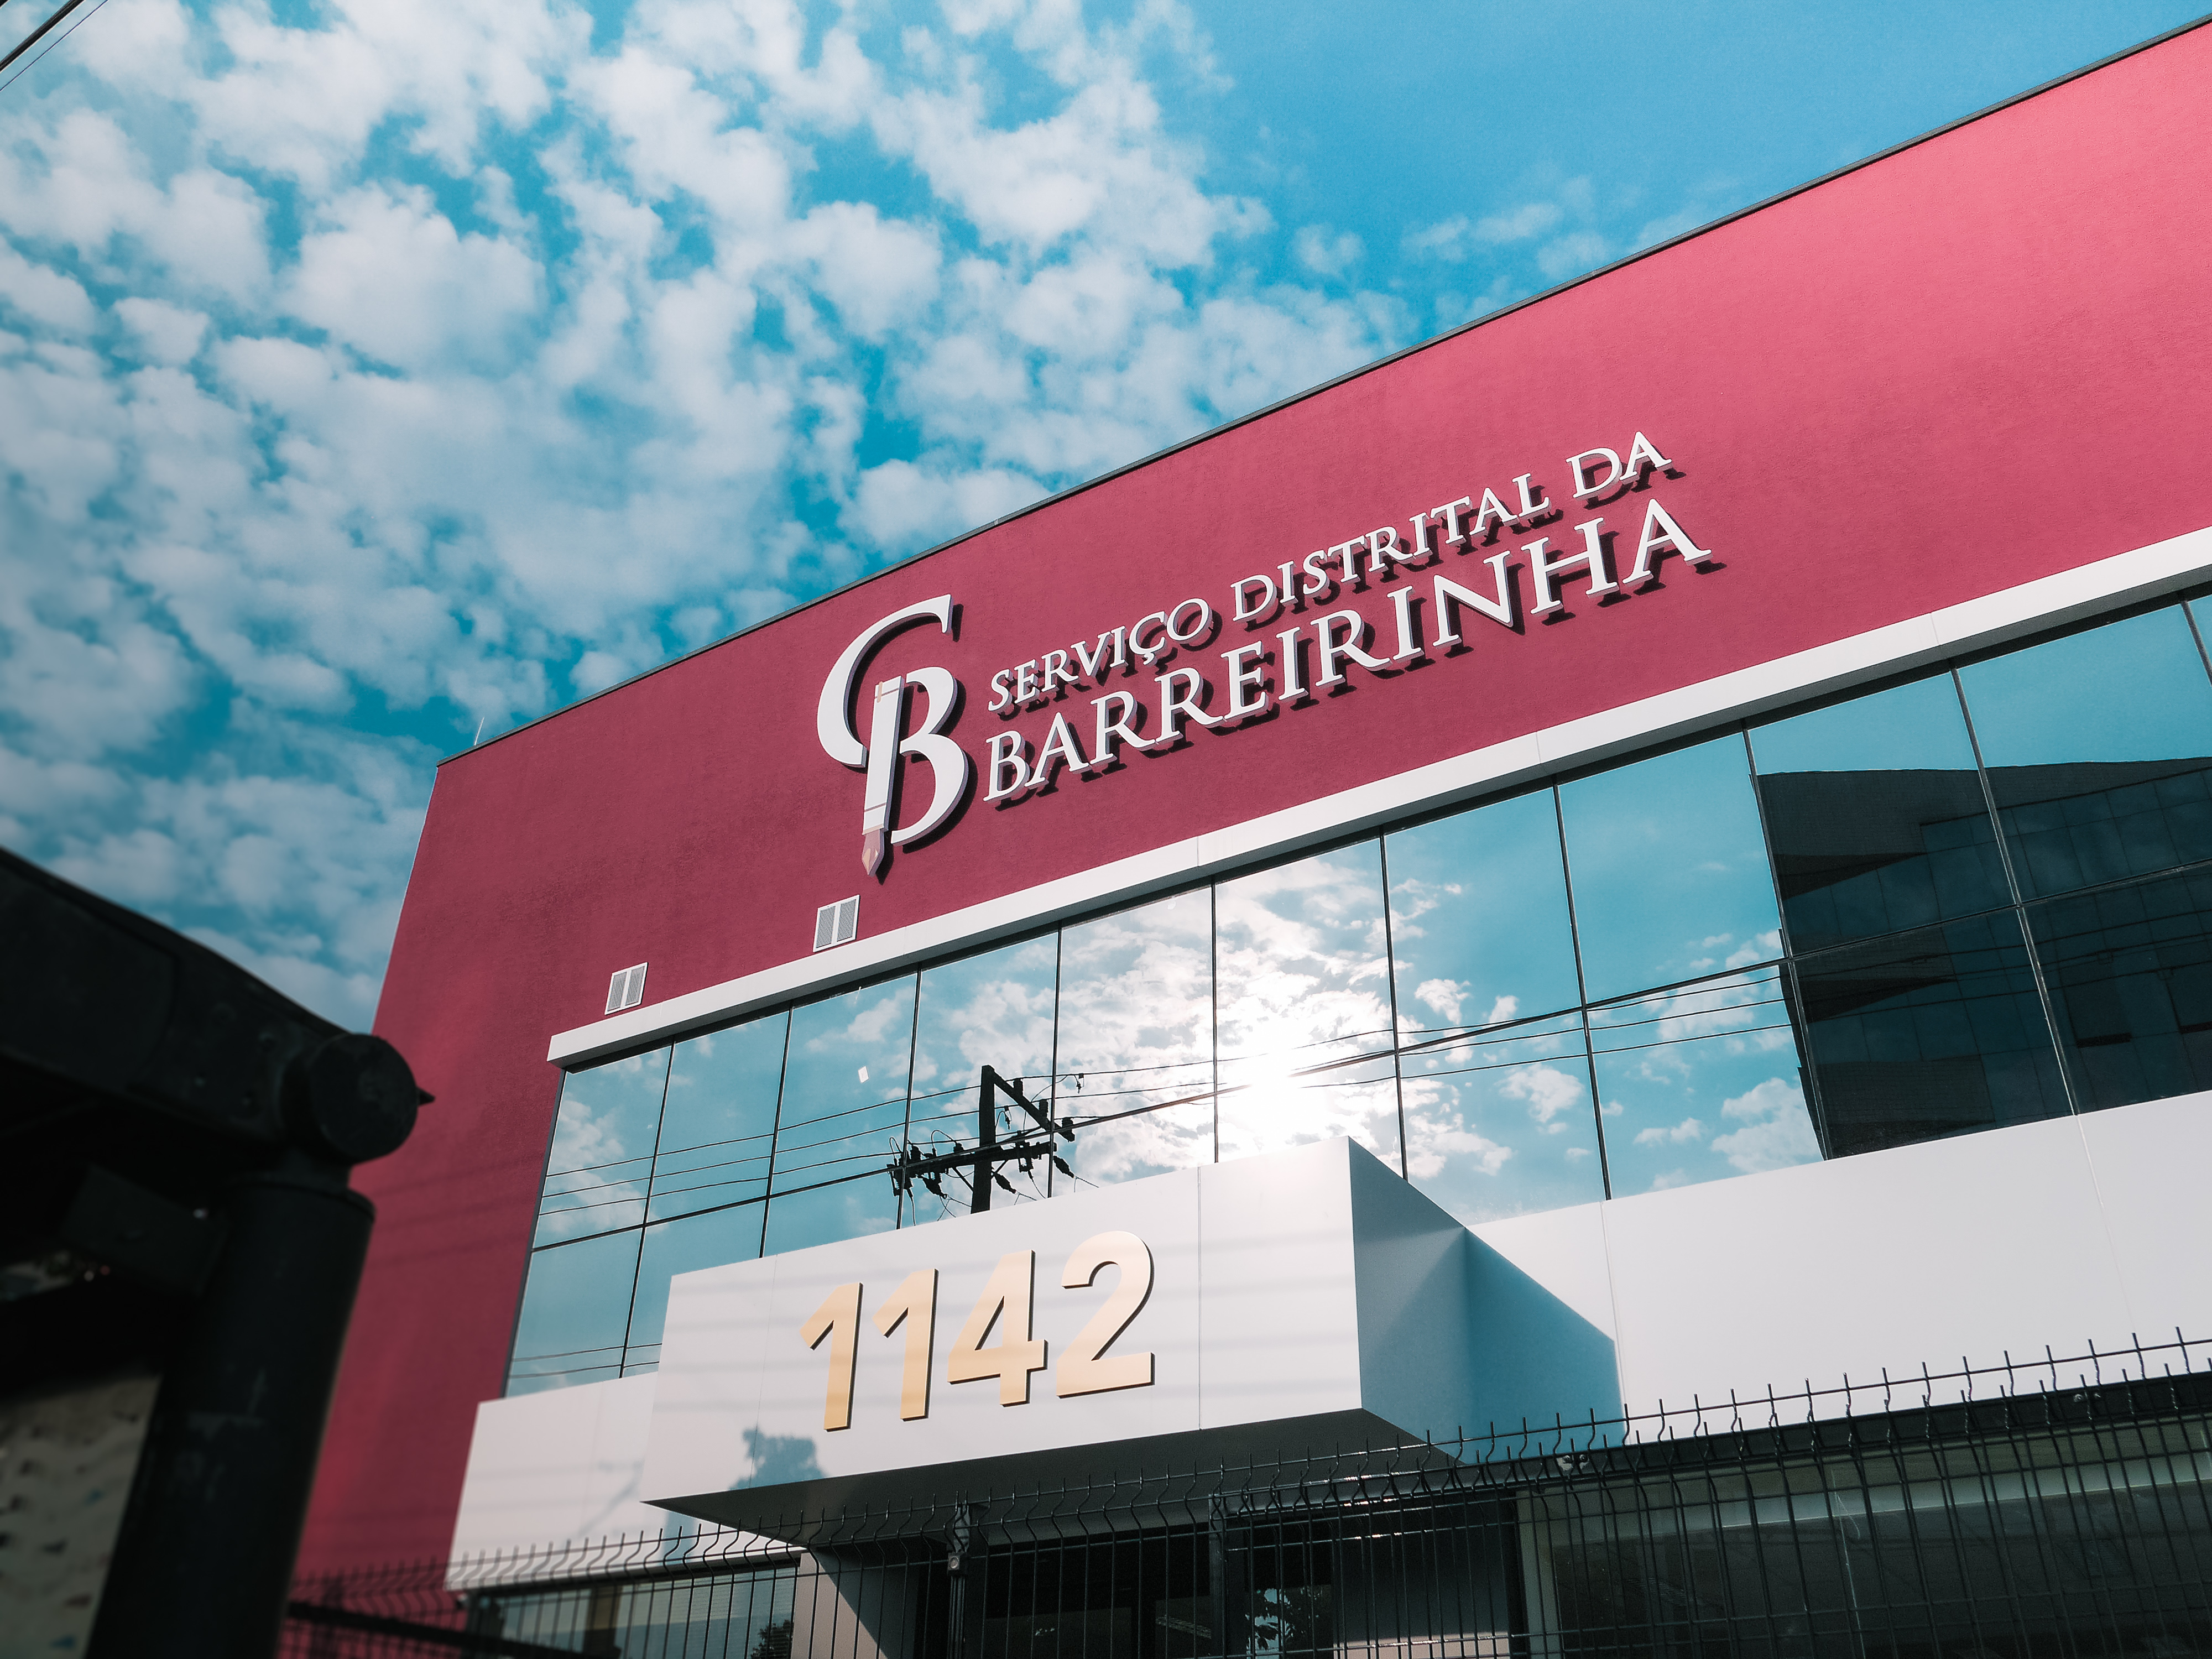 Cartório da Barreririnha - Registro Civil e Tabelionato de Notas no Cabral